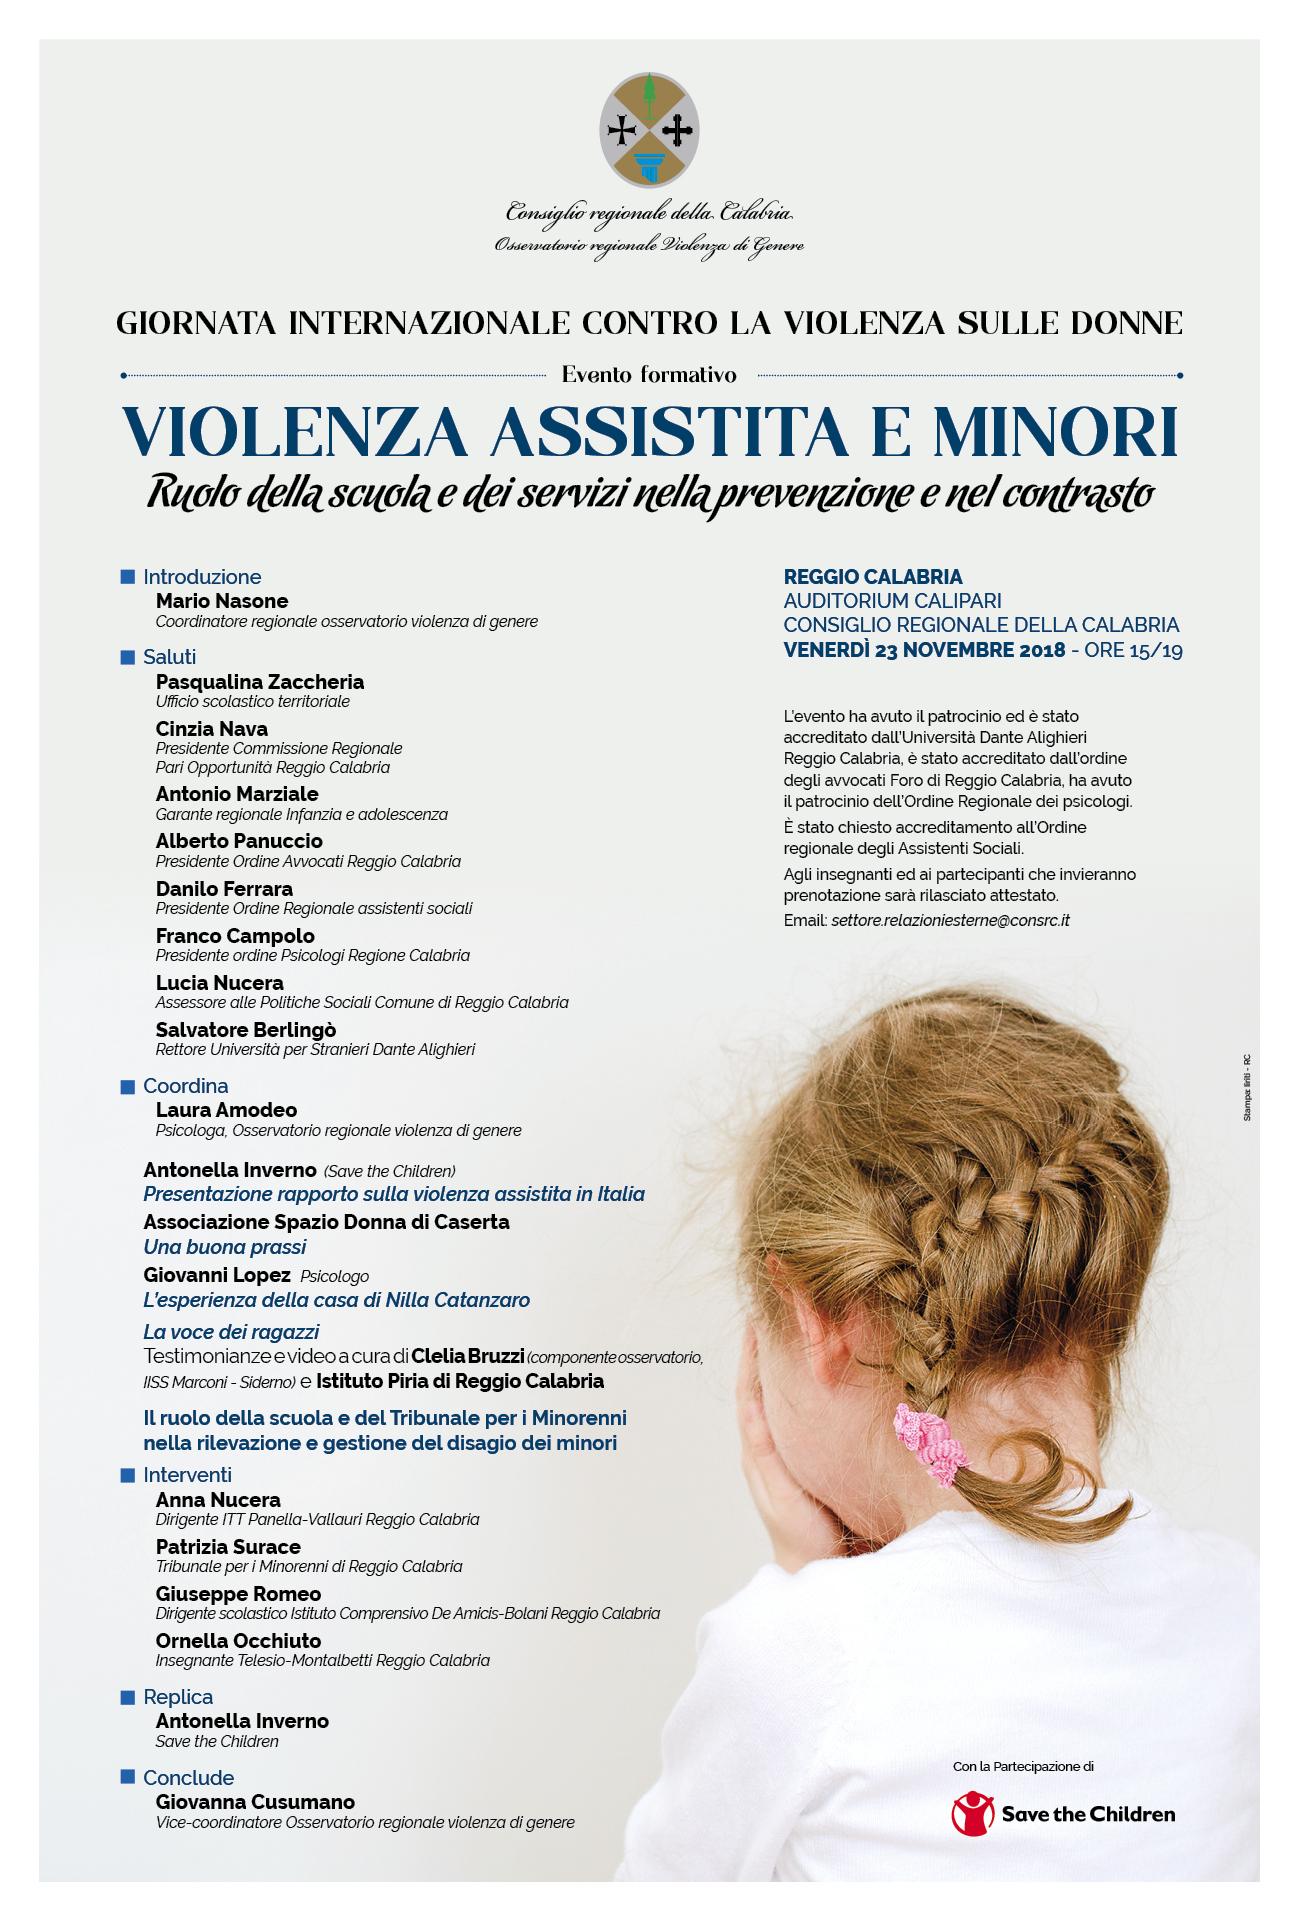 Violenza assistita e minori